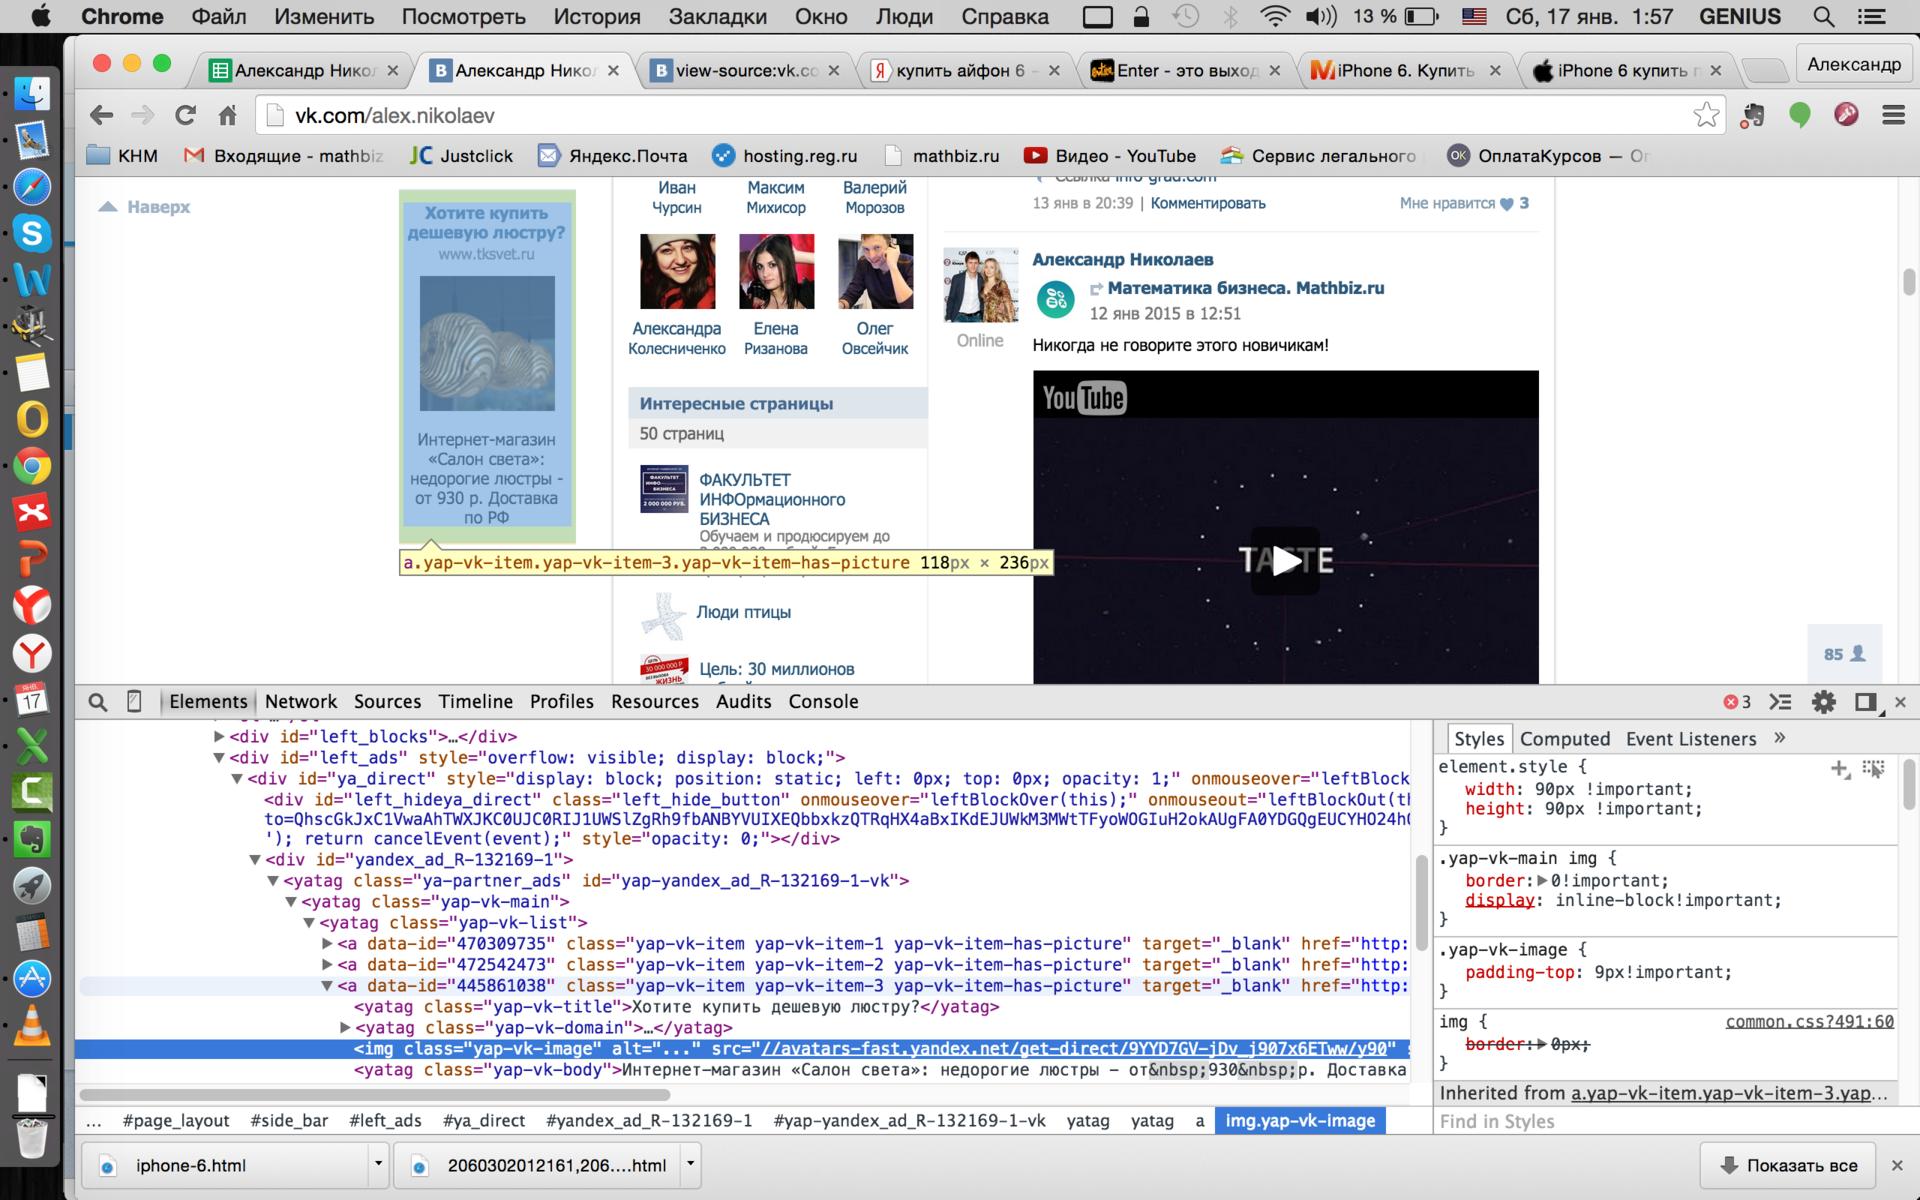 Яндекс вовсю показывает свою рекламу во Вконтакте - 5